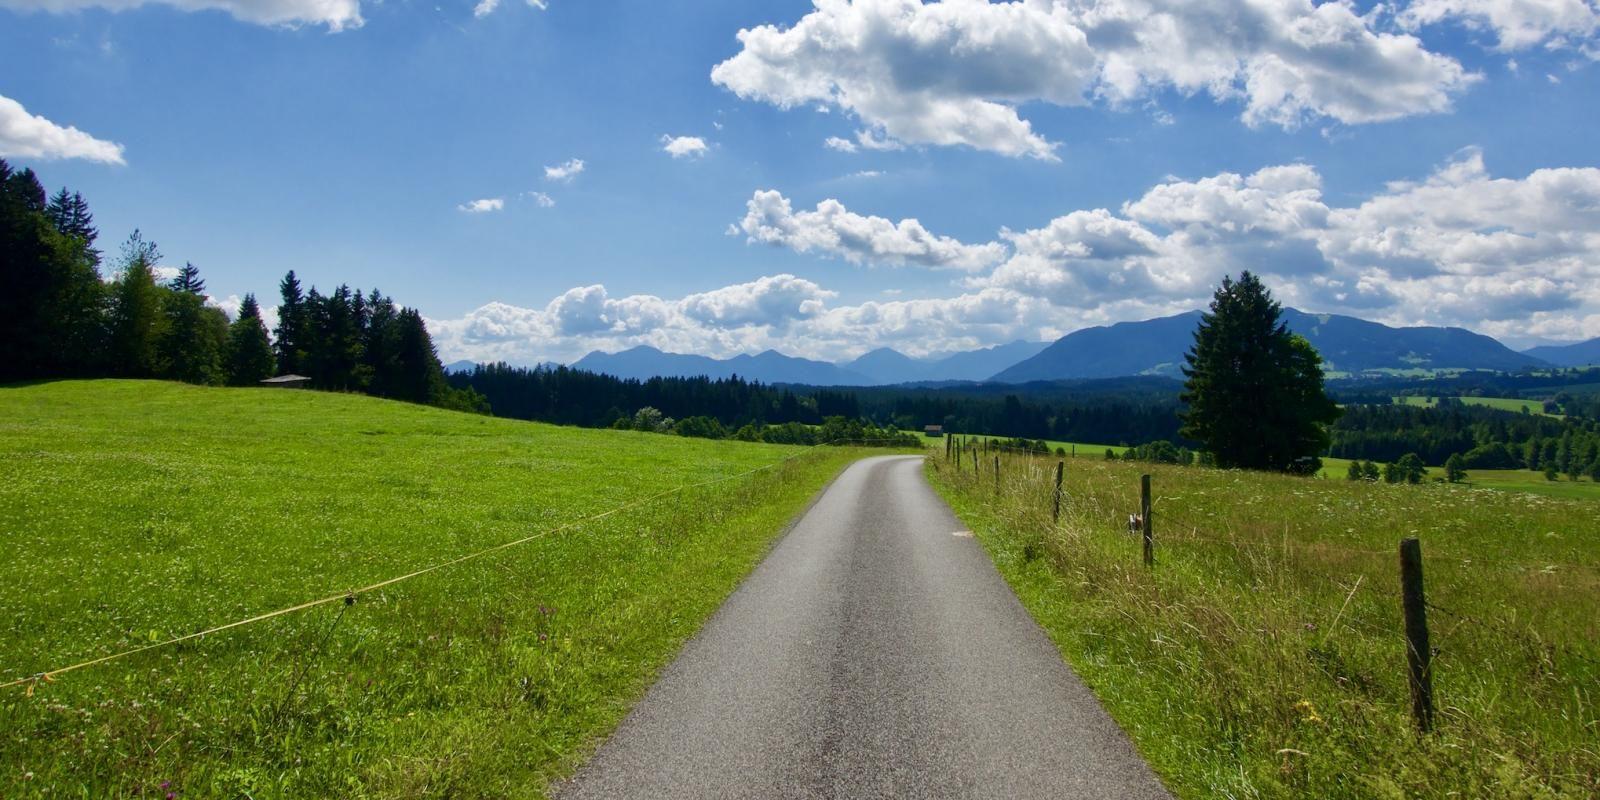 Beim Wandern Kraft Schopfen Der Der Ammergauer Meditationsweg Aufundab Eu Meditation Ammergauer Alpen Natur Erleben